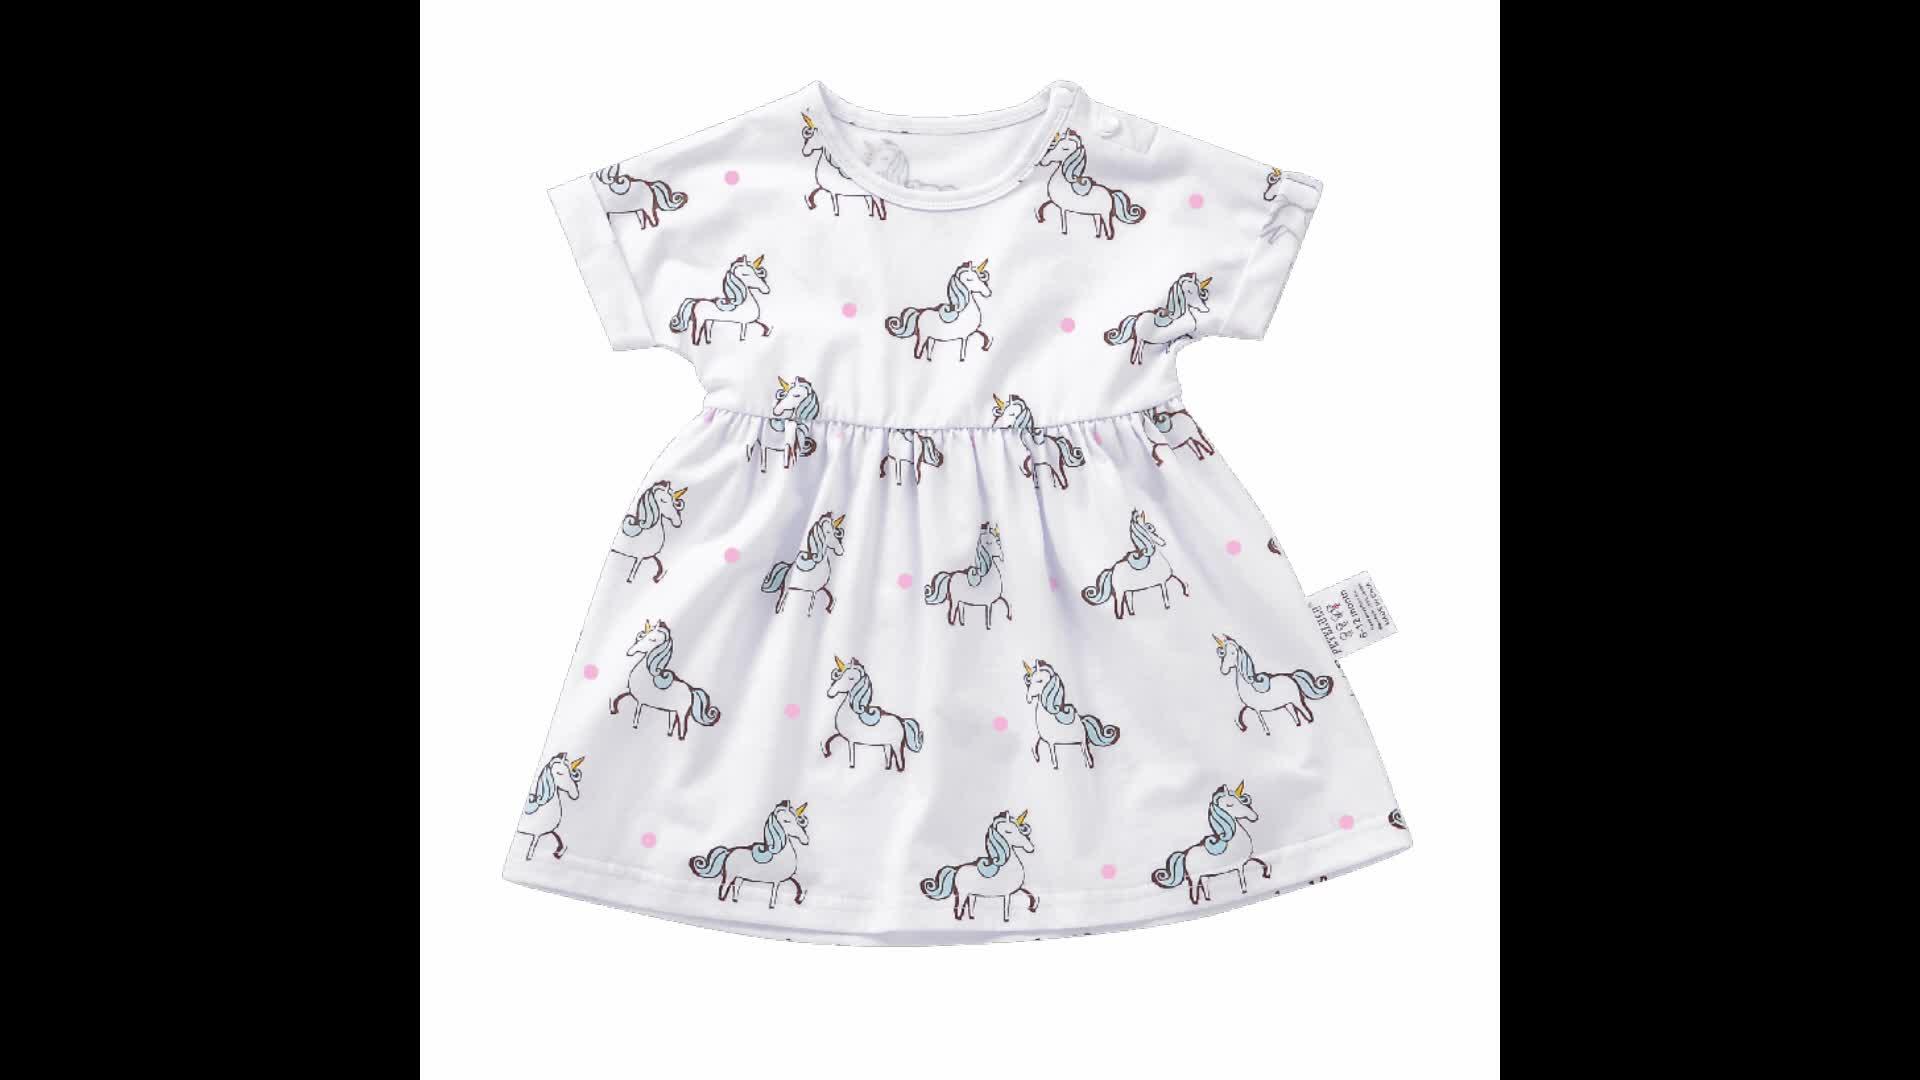 Manica corta stampa completa unicorn dress del cotone delle ragazze capretti si vestono